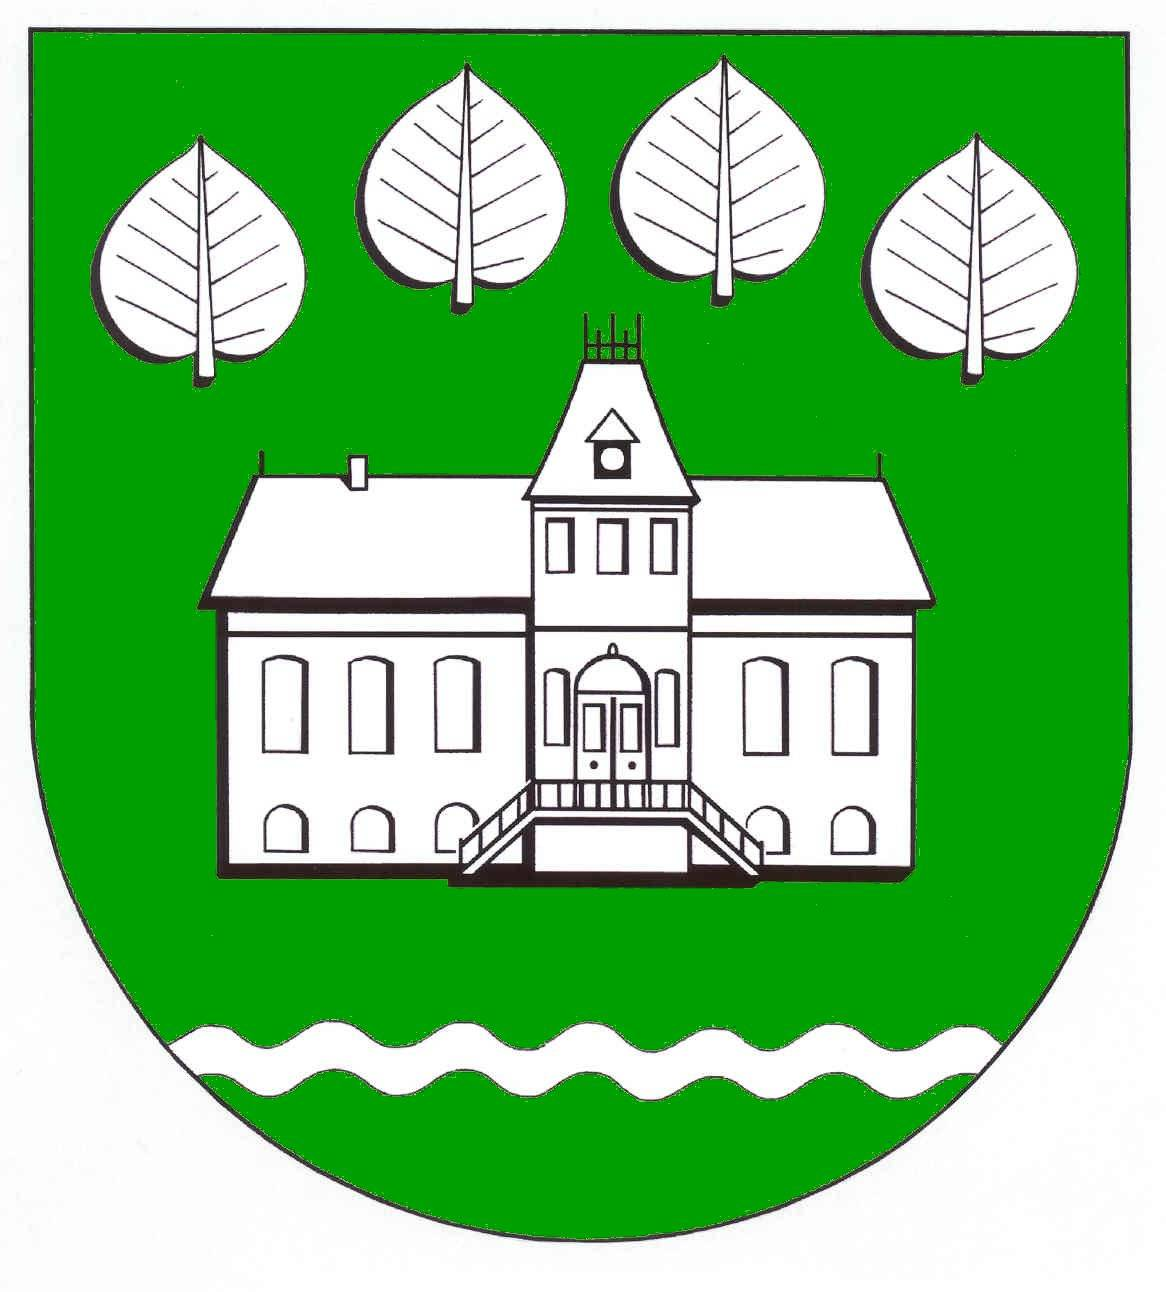 Wappen GemeindeBokhorst, Kreis Steinburg